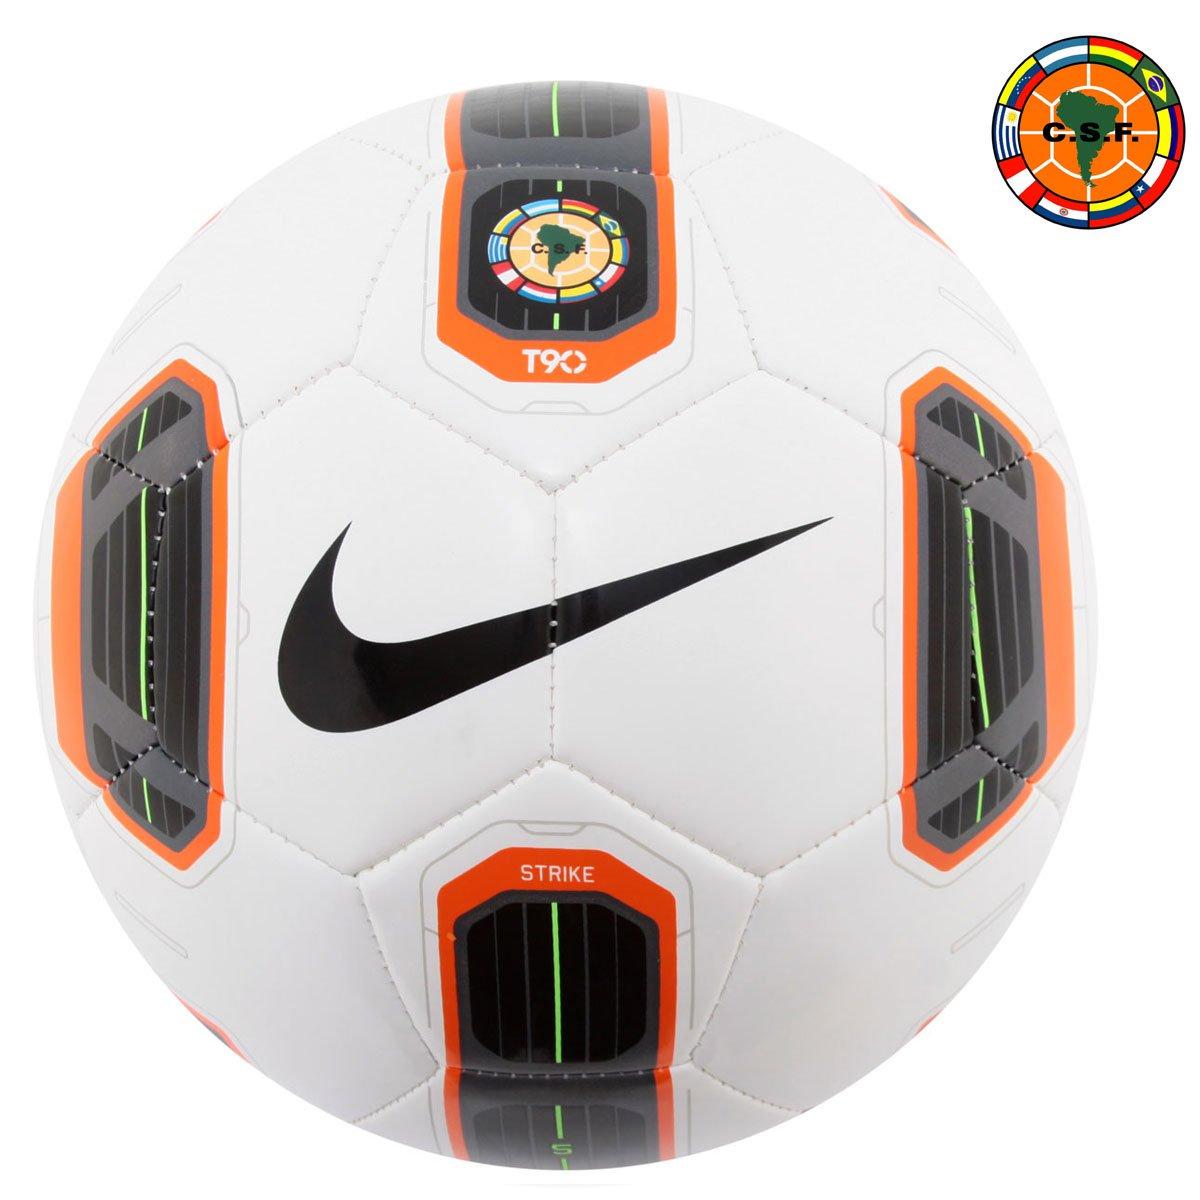 15c5213ba2 Bola Futebol Nike T90 Strike CSF Campo - Compre Agora